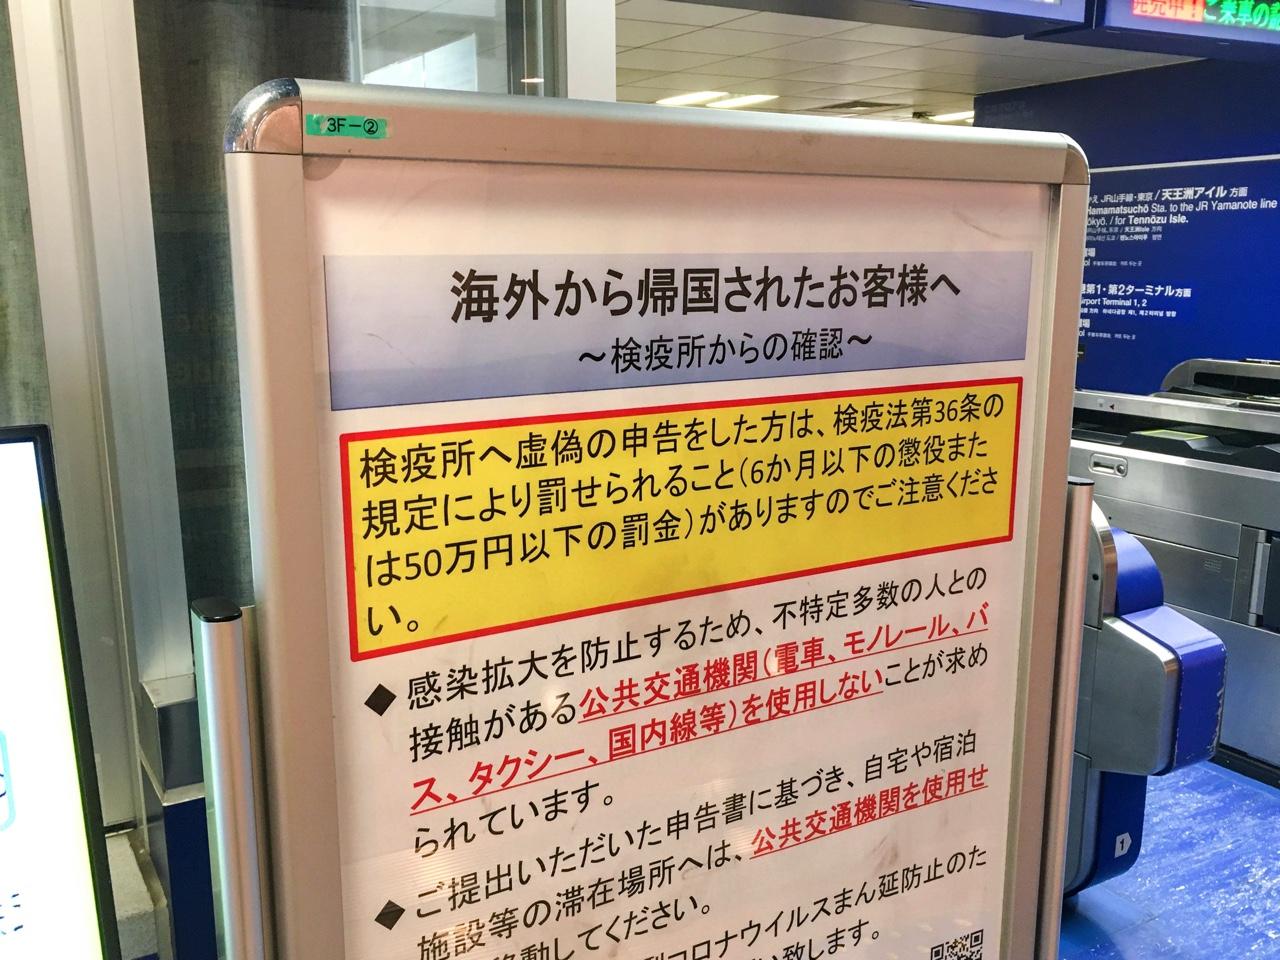 日本の検疫所からのお知らせ